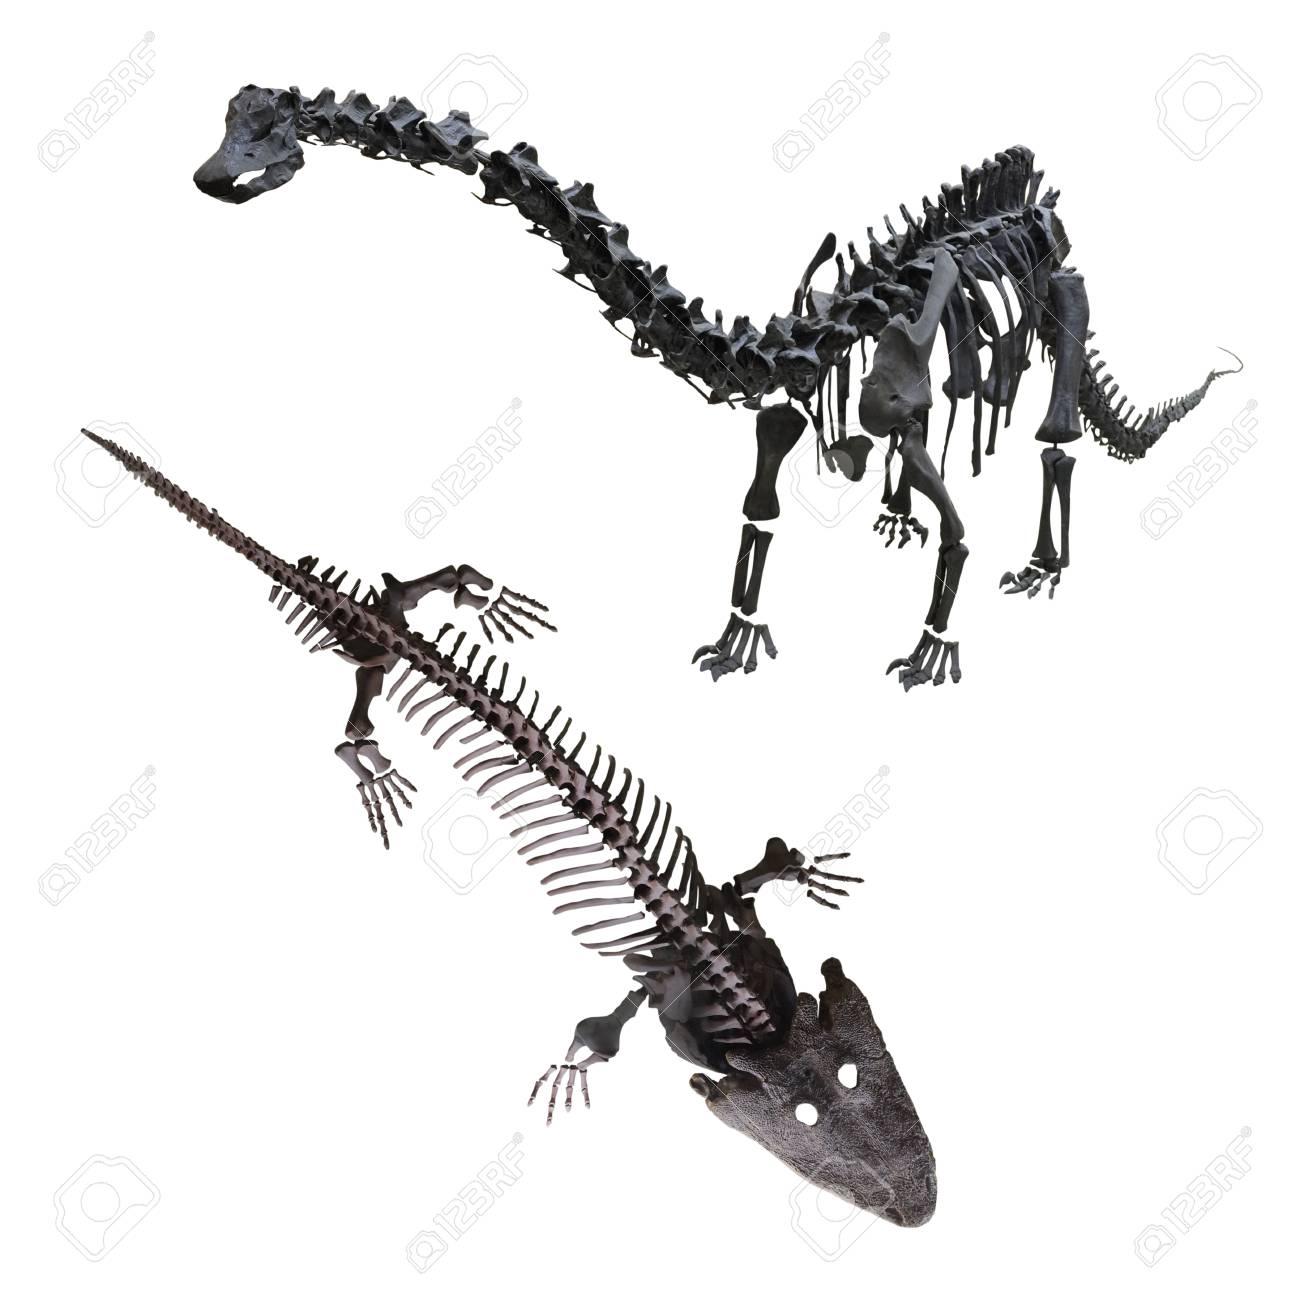 Dinosaurier Skelett Ausmalbilder : Wunderbar Ausmalbilder Dinosaurier Skelett Galerie Malvorlagen Von